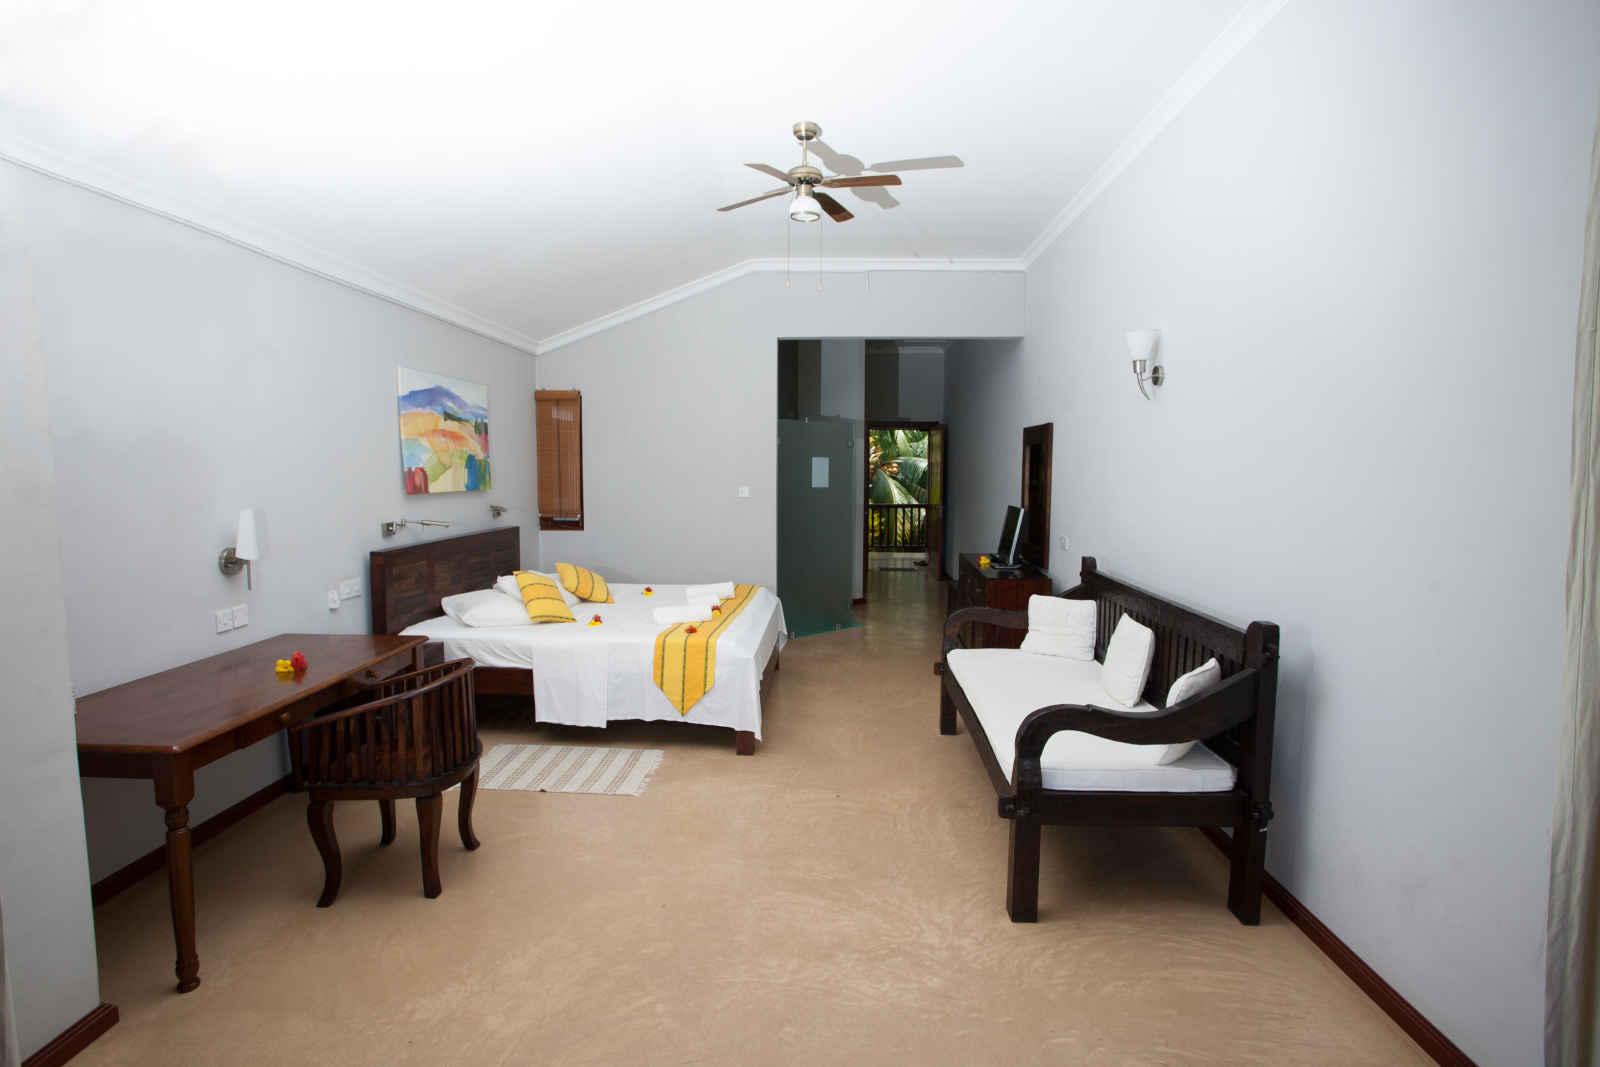 Seychelles - Hôtel Anse Soleil Beachcomber 3*